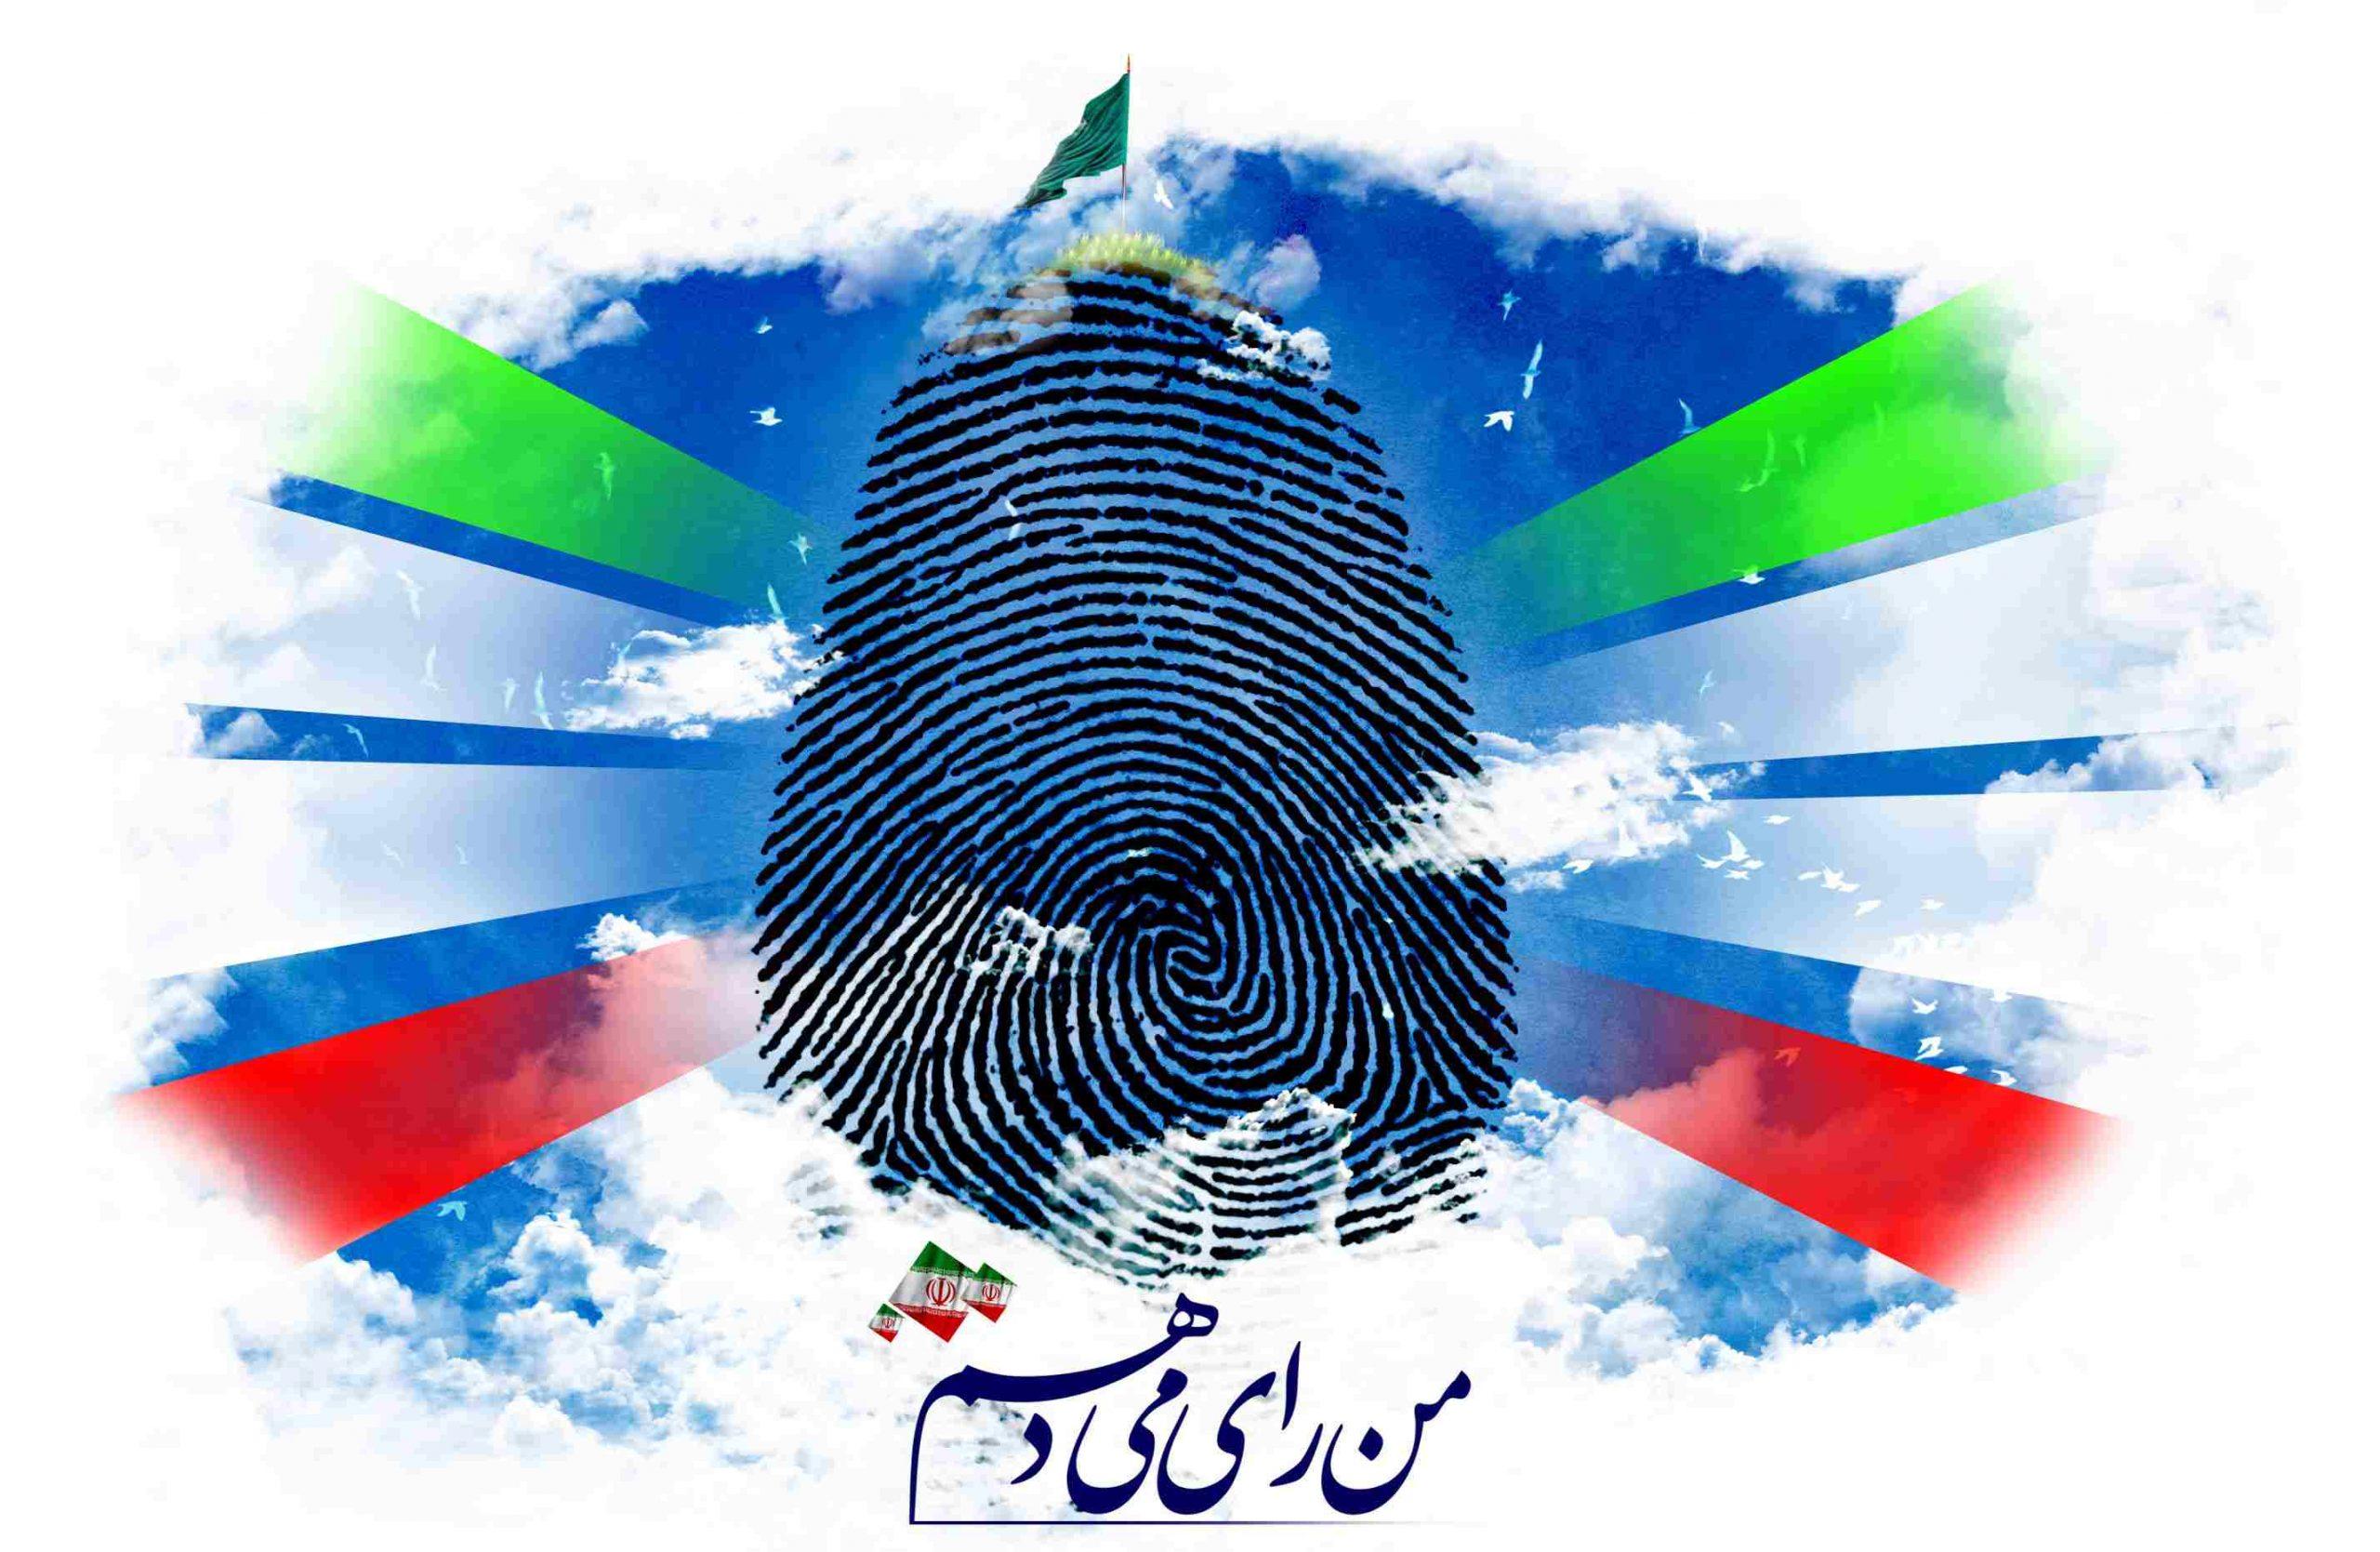 دعوت خادمان مسجد مقدس جمکران  از مردم انقلابی و منتظر ایران اسلامی برای شرکت در انتخابات